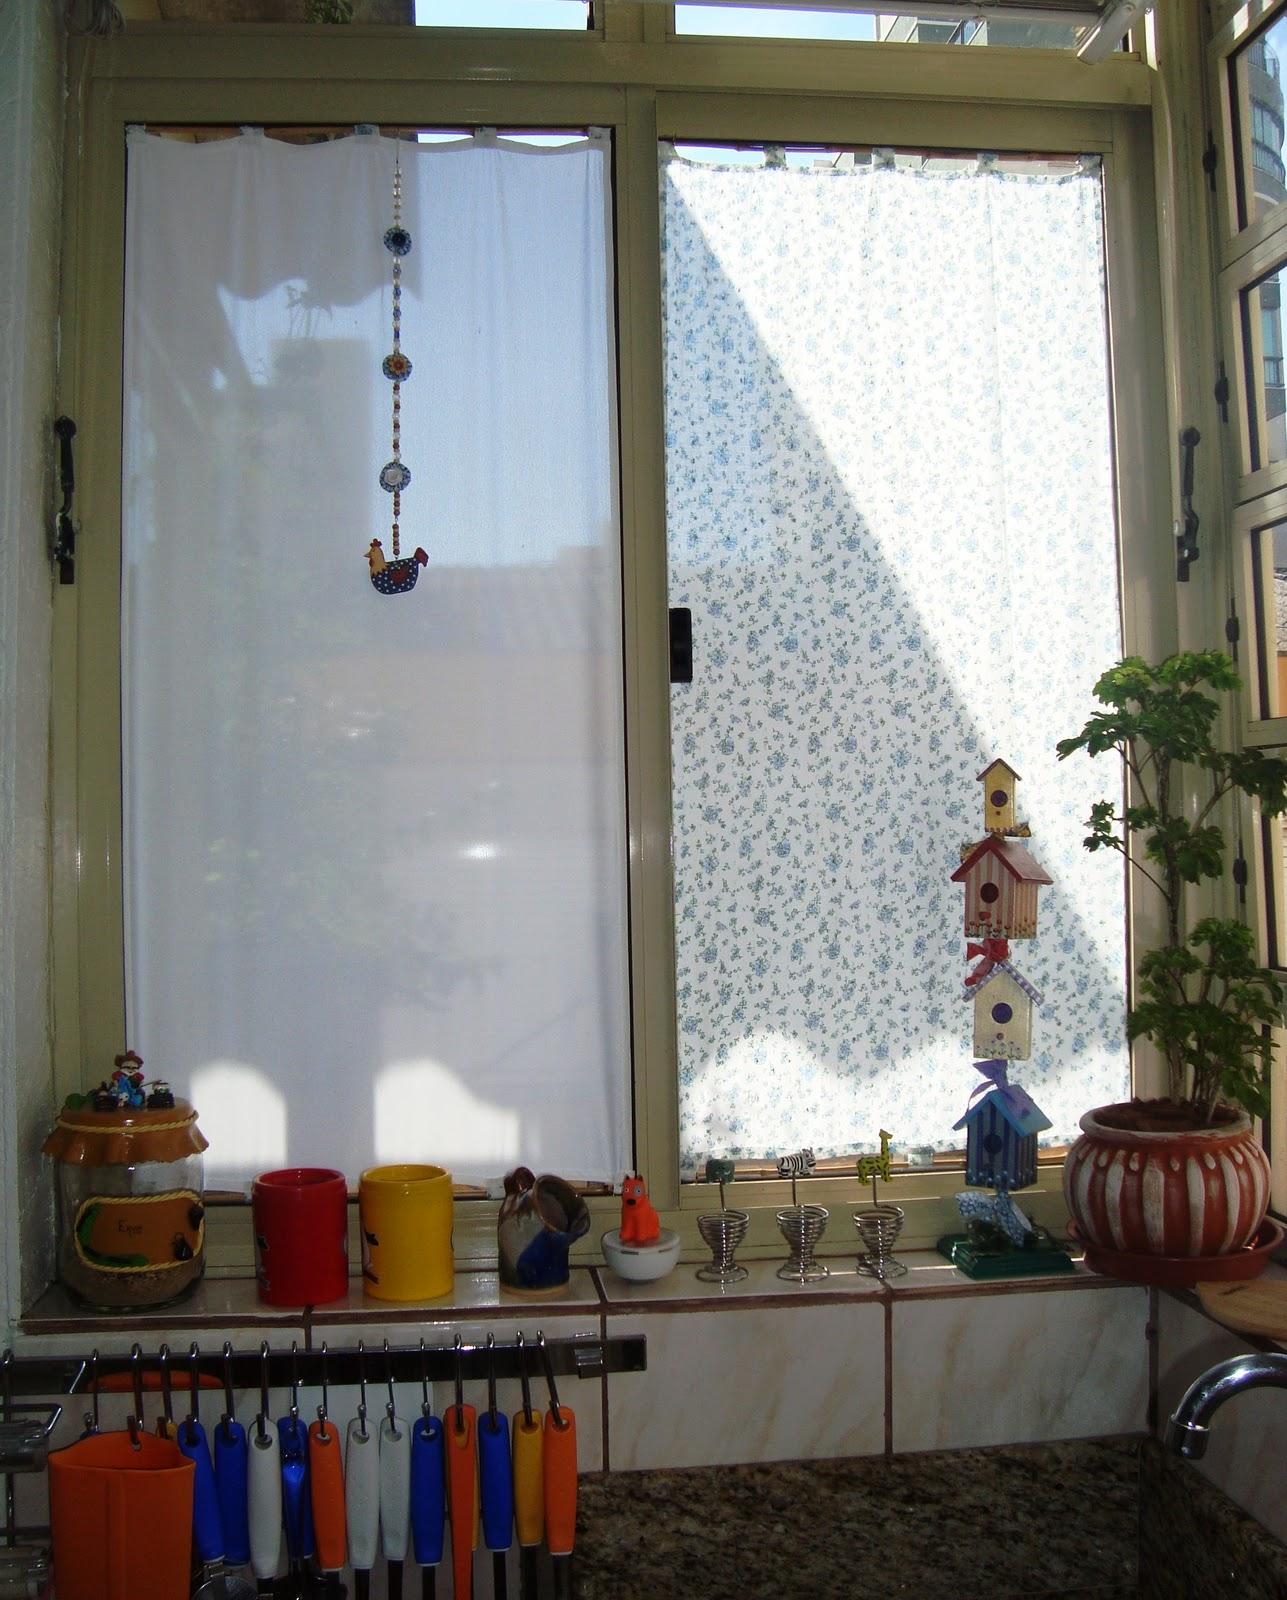 #613922  limpeza e abertura da janela. Lembrei de cortinas que via antigamente 818 Limpeza De Vidros E Janelas   Karcher